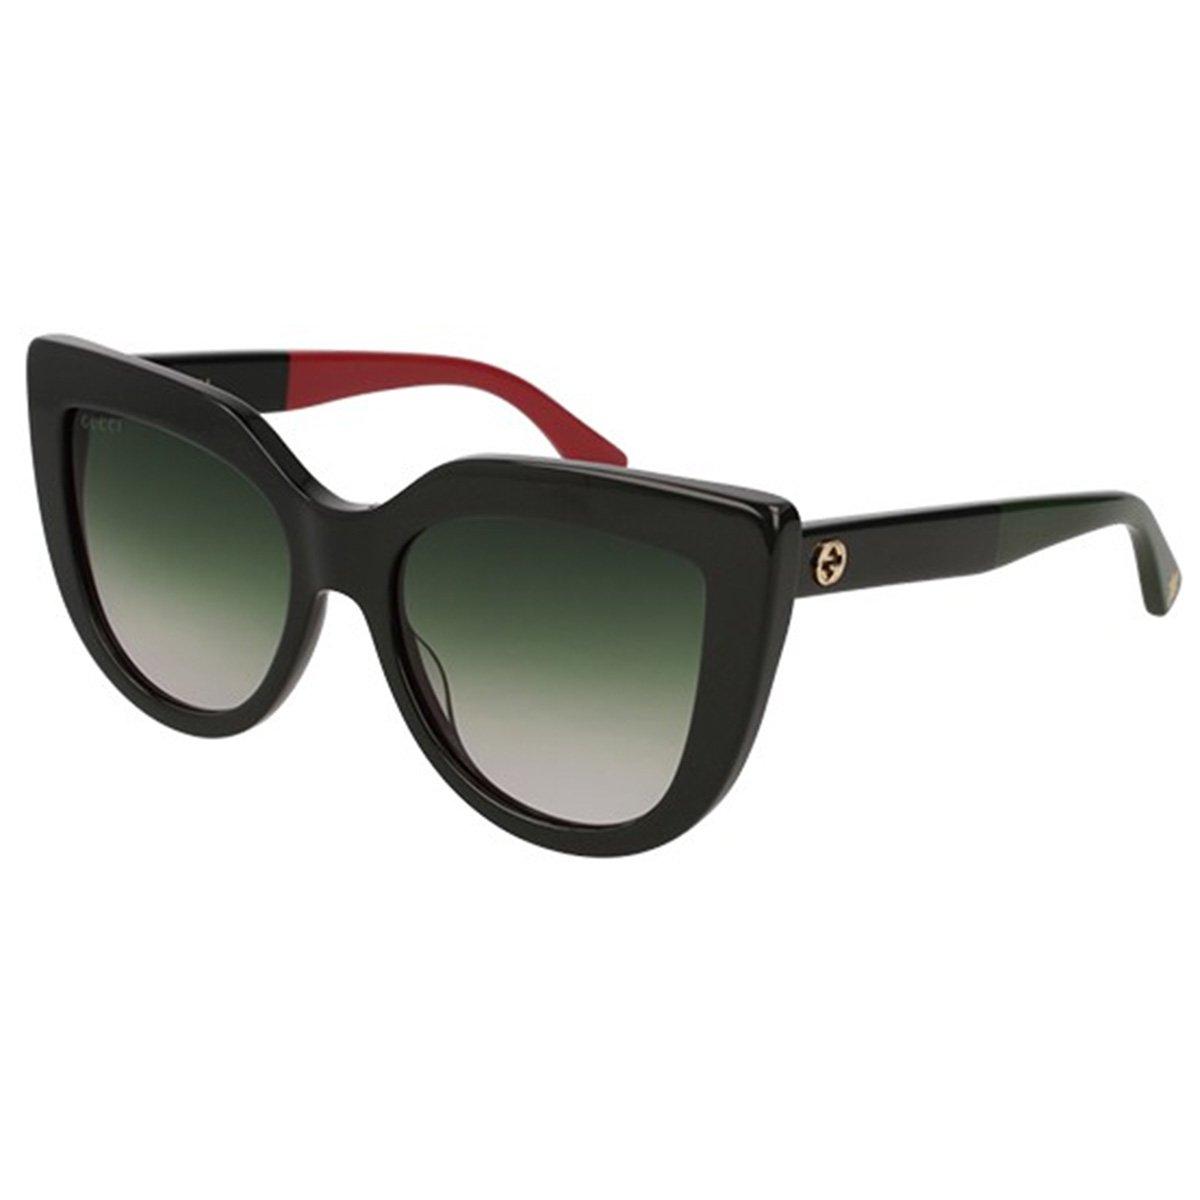 Compre Óculos de Sol Gucci em 10X   Tri-Jóia Shop 96f96cb8c6